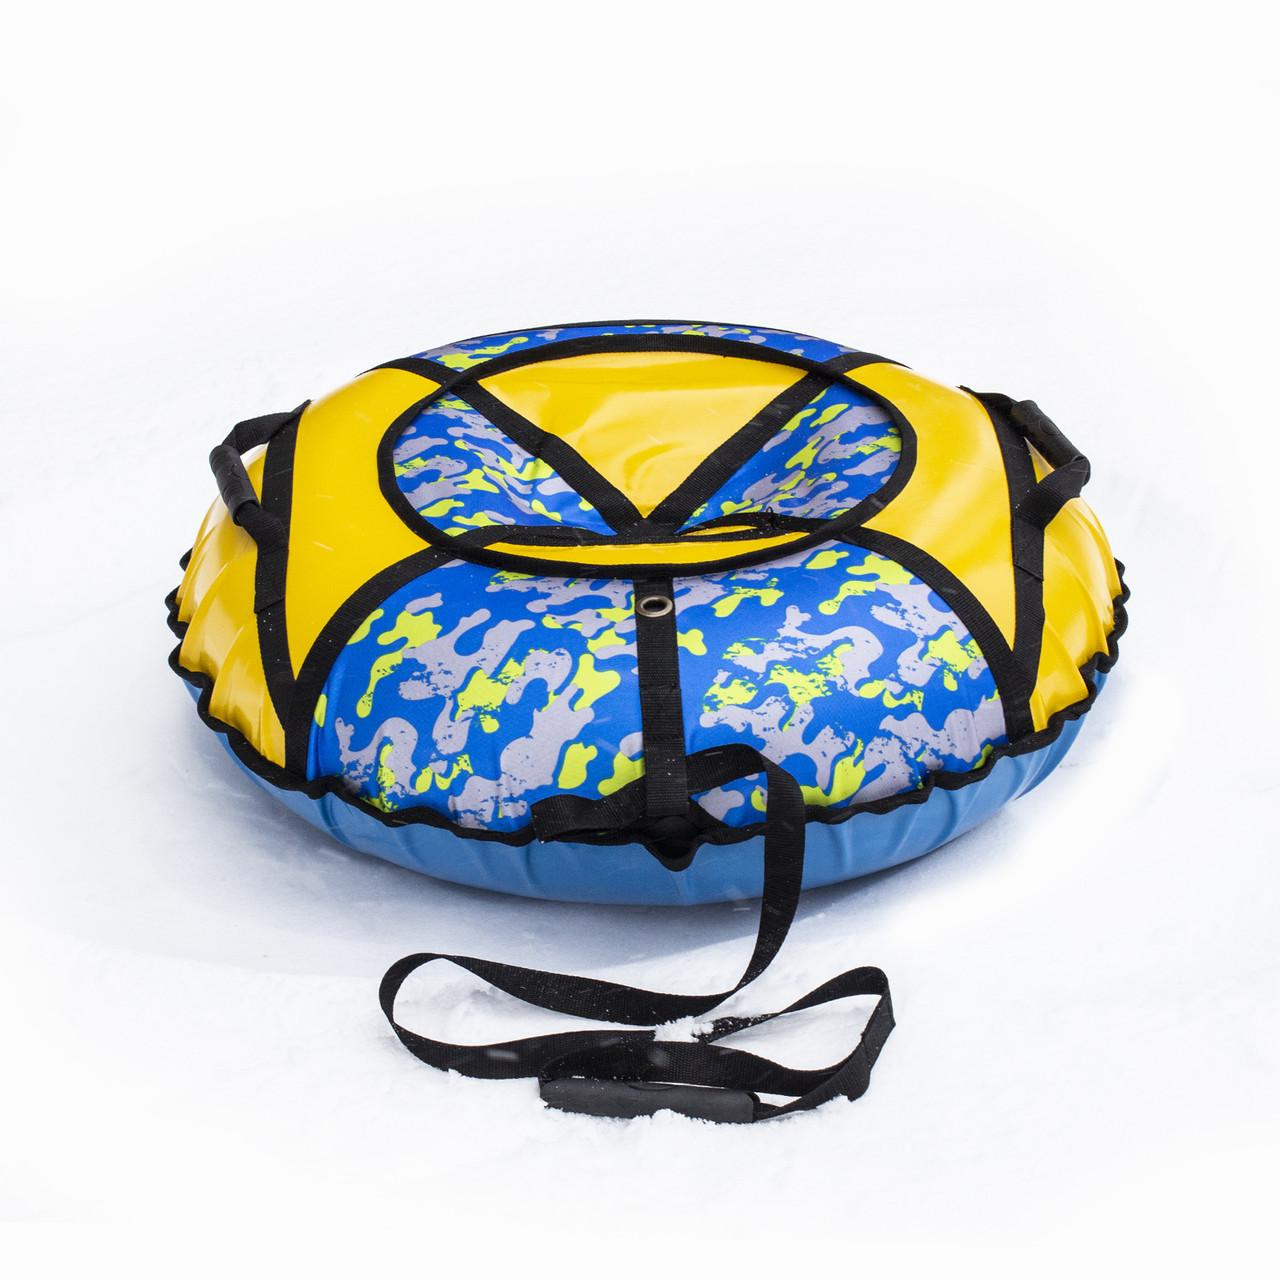 Тюбинг надувные санки ватрушка d 120 см серия Стандарт Желто - Камуфляжный цвет для детей и взрослых